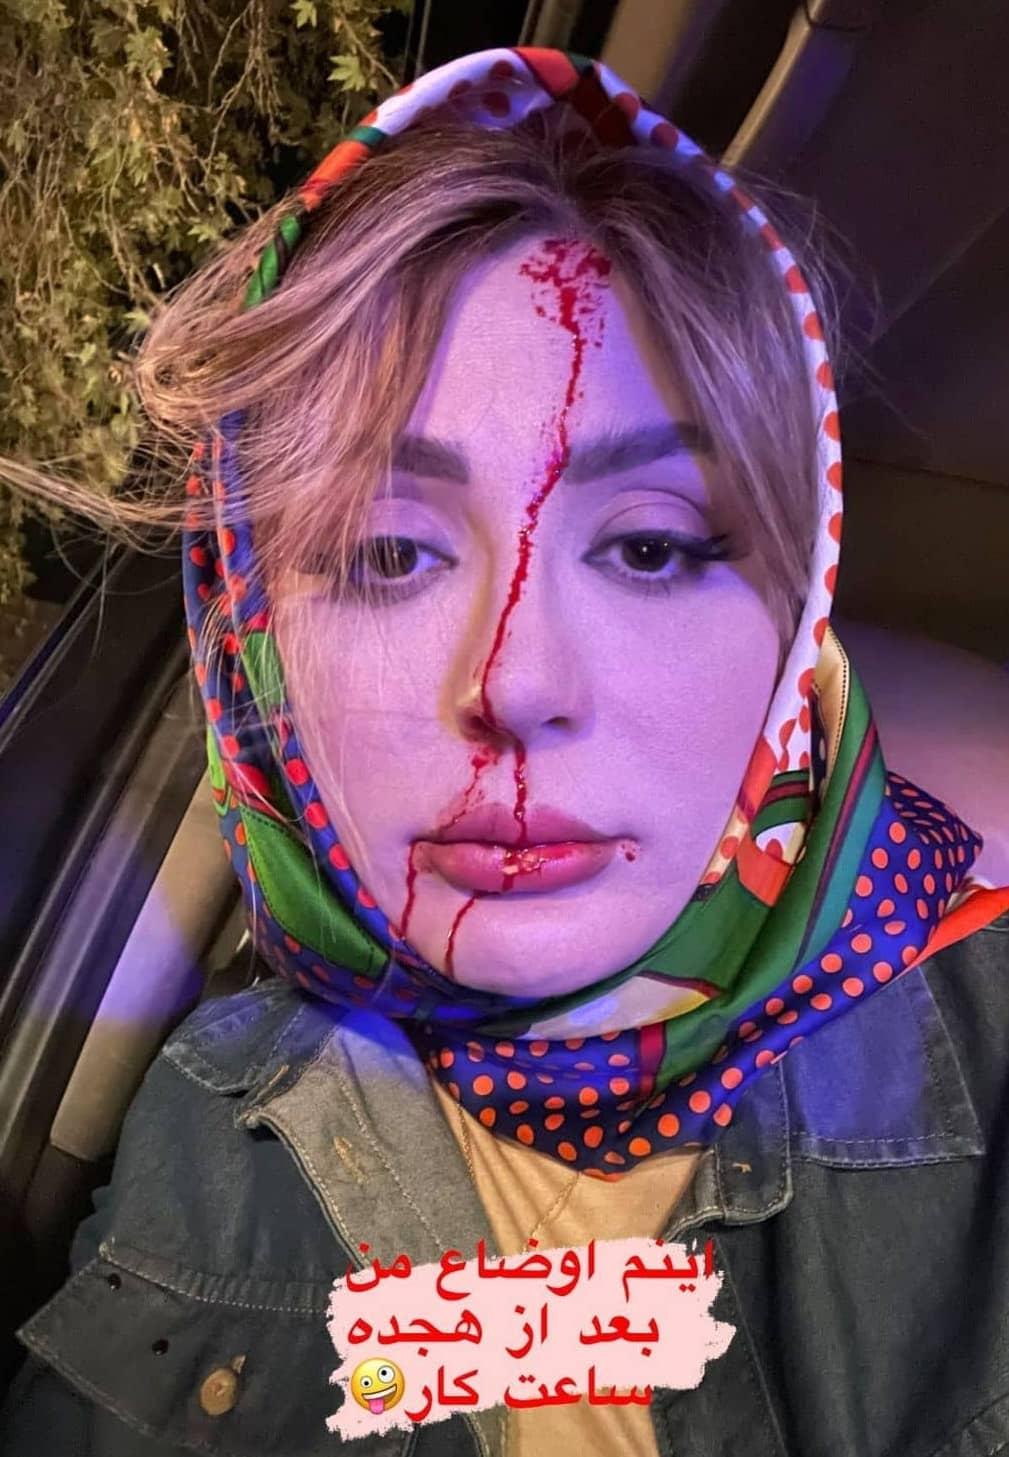 صورت خونآلود نیوشا ضیغمی